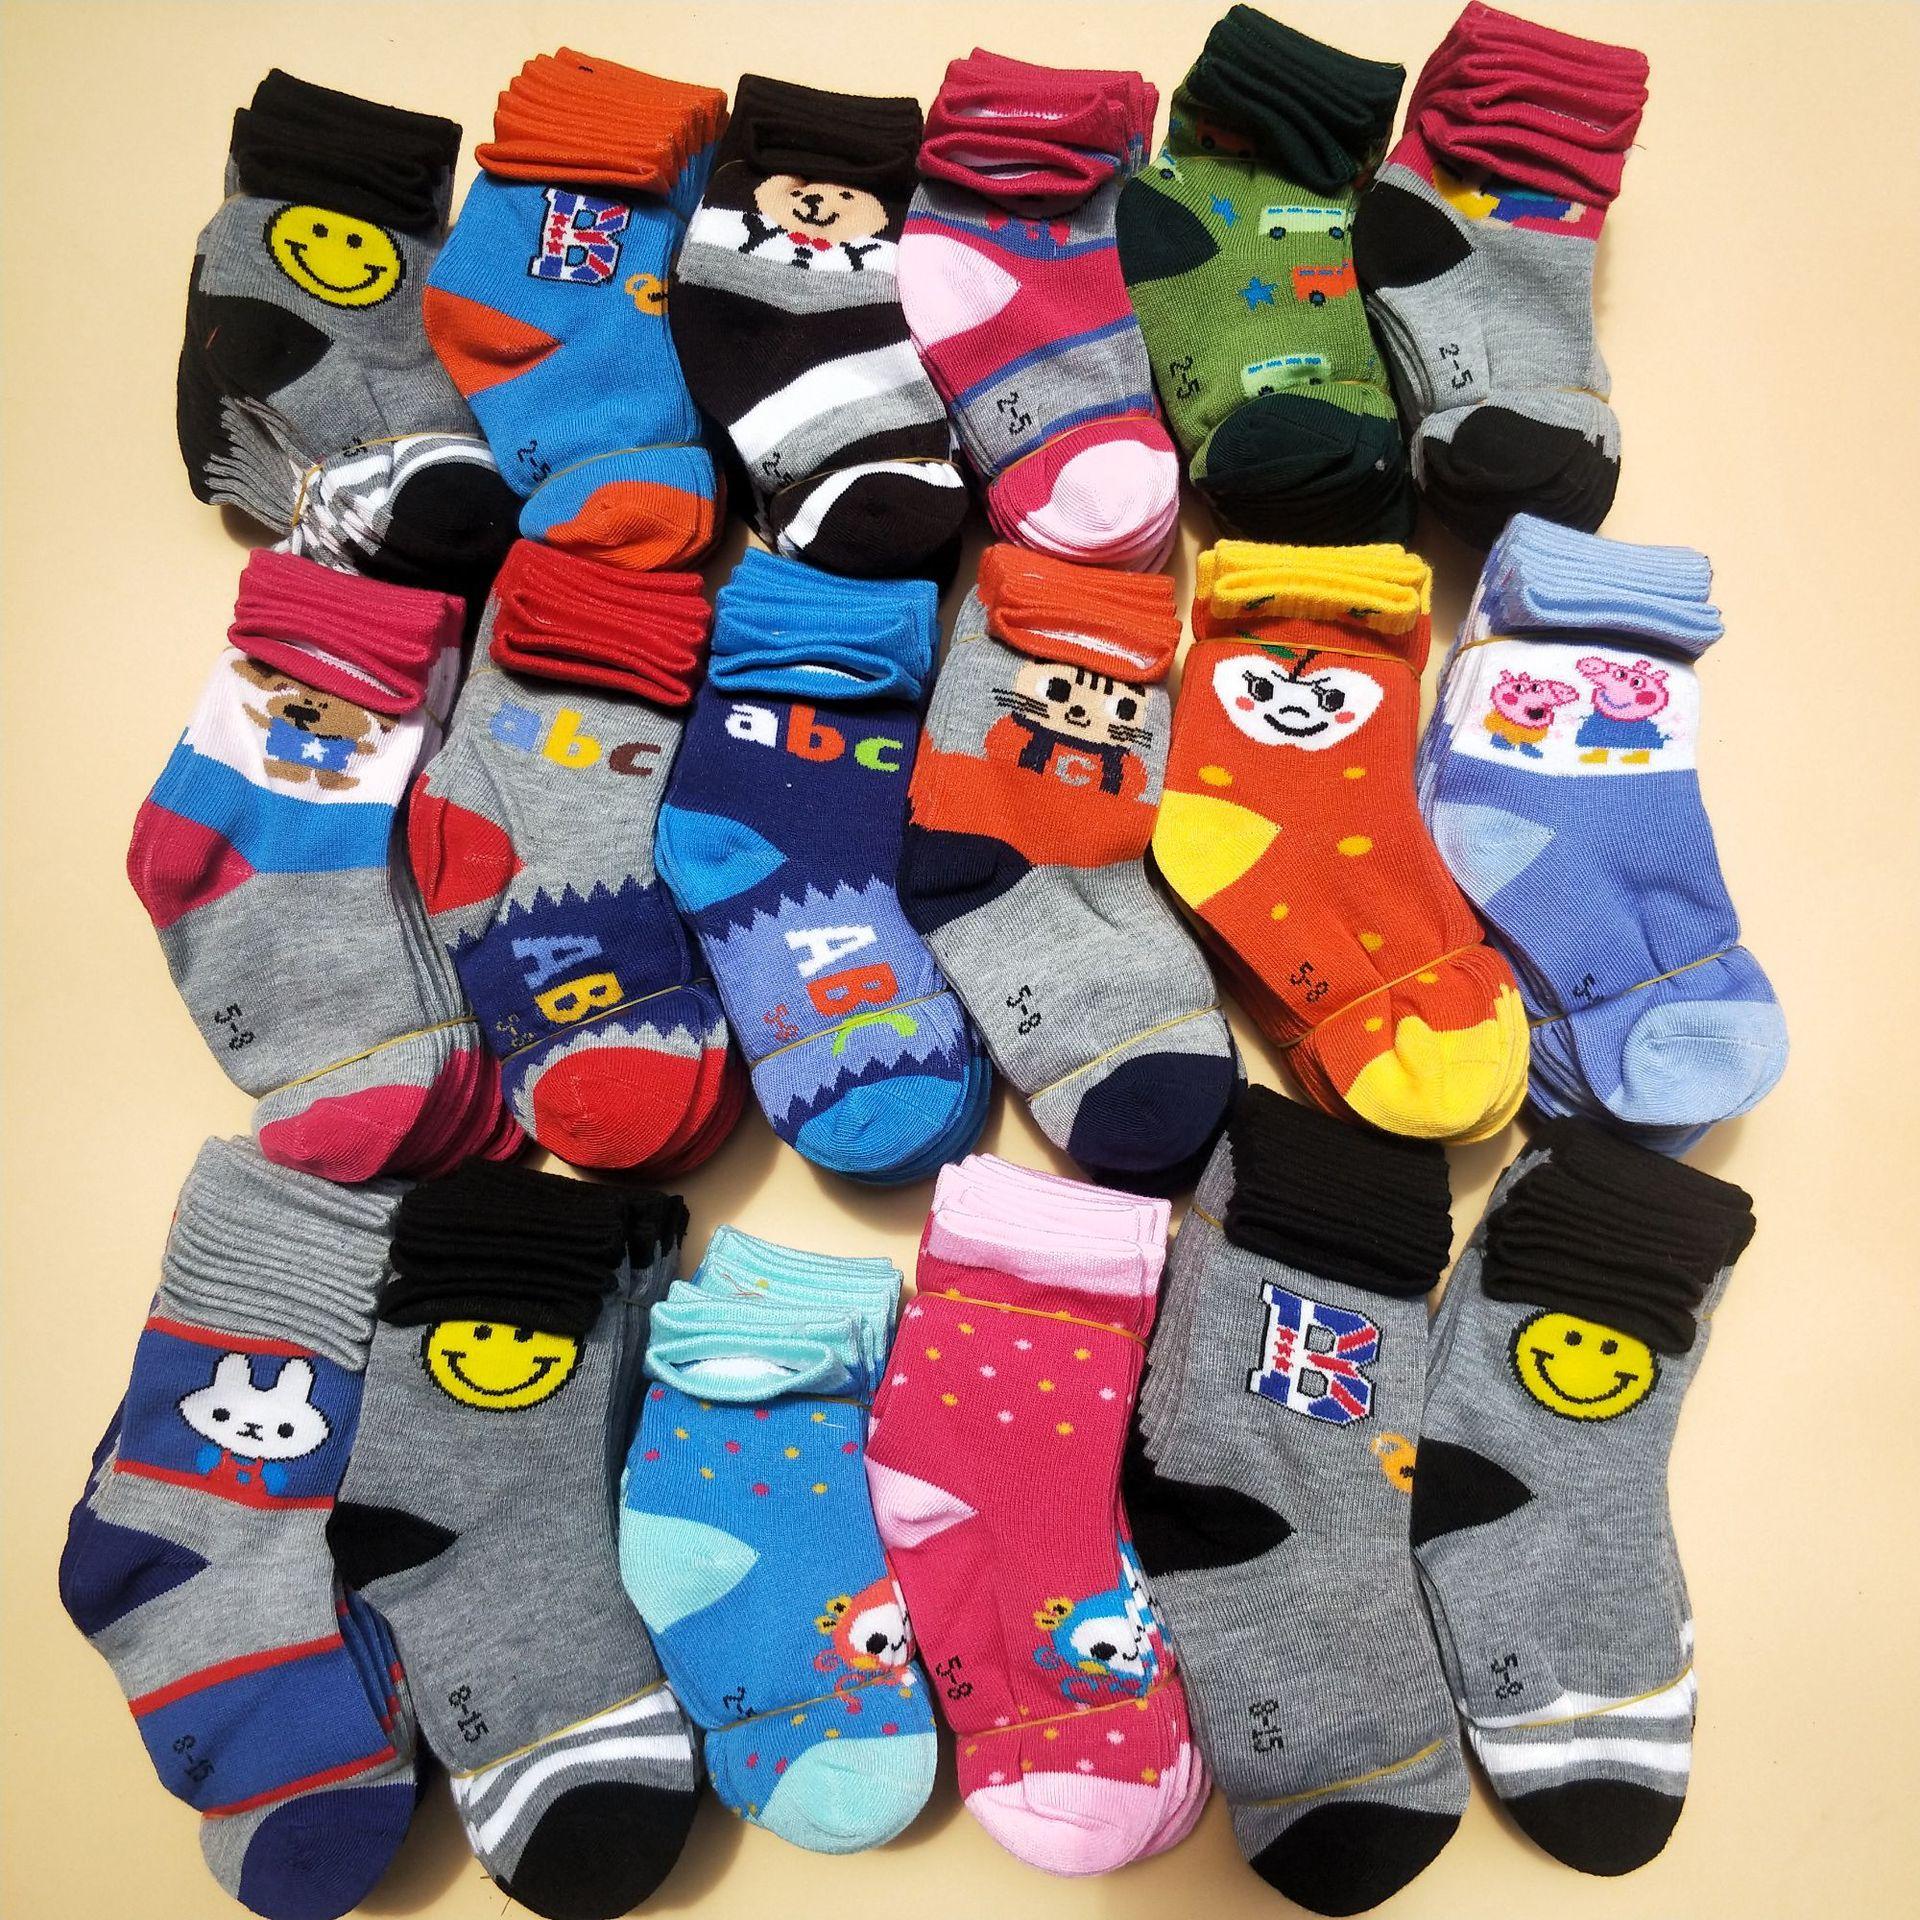 5 Pcs/lot Random Color Baby Boys Girls  Socks Toddler Kids Socks Cartoon Cotton Socks 1-7 Years Children